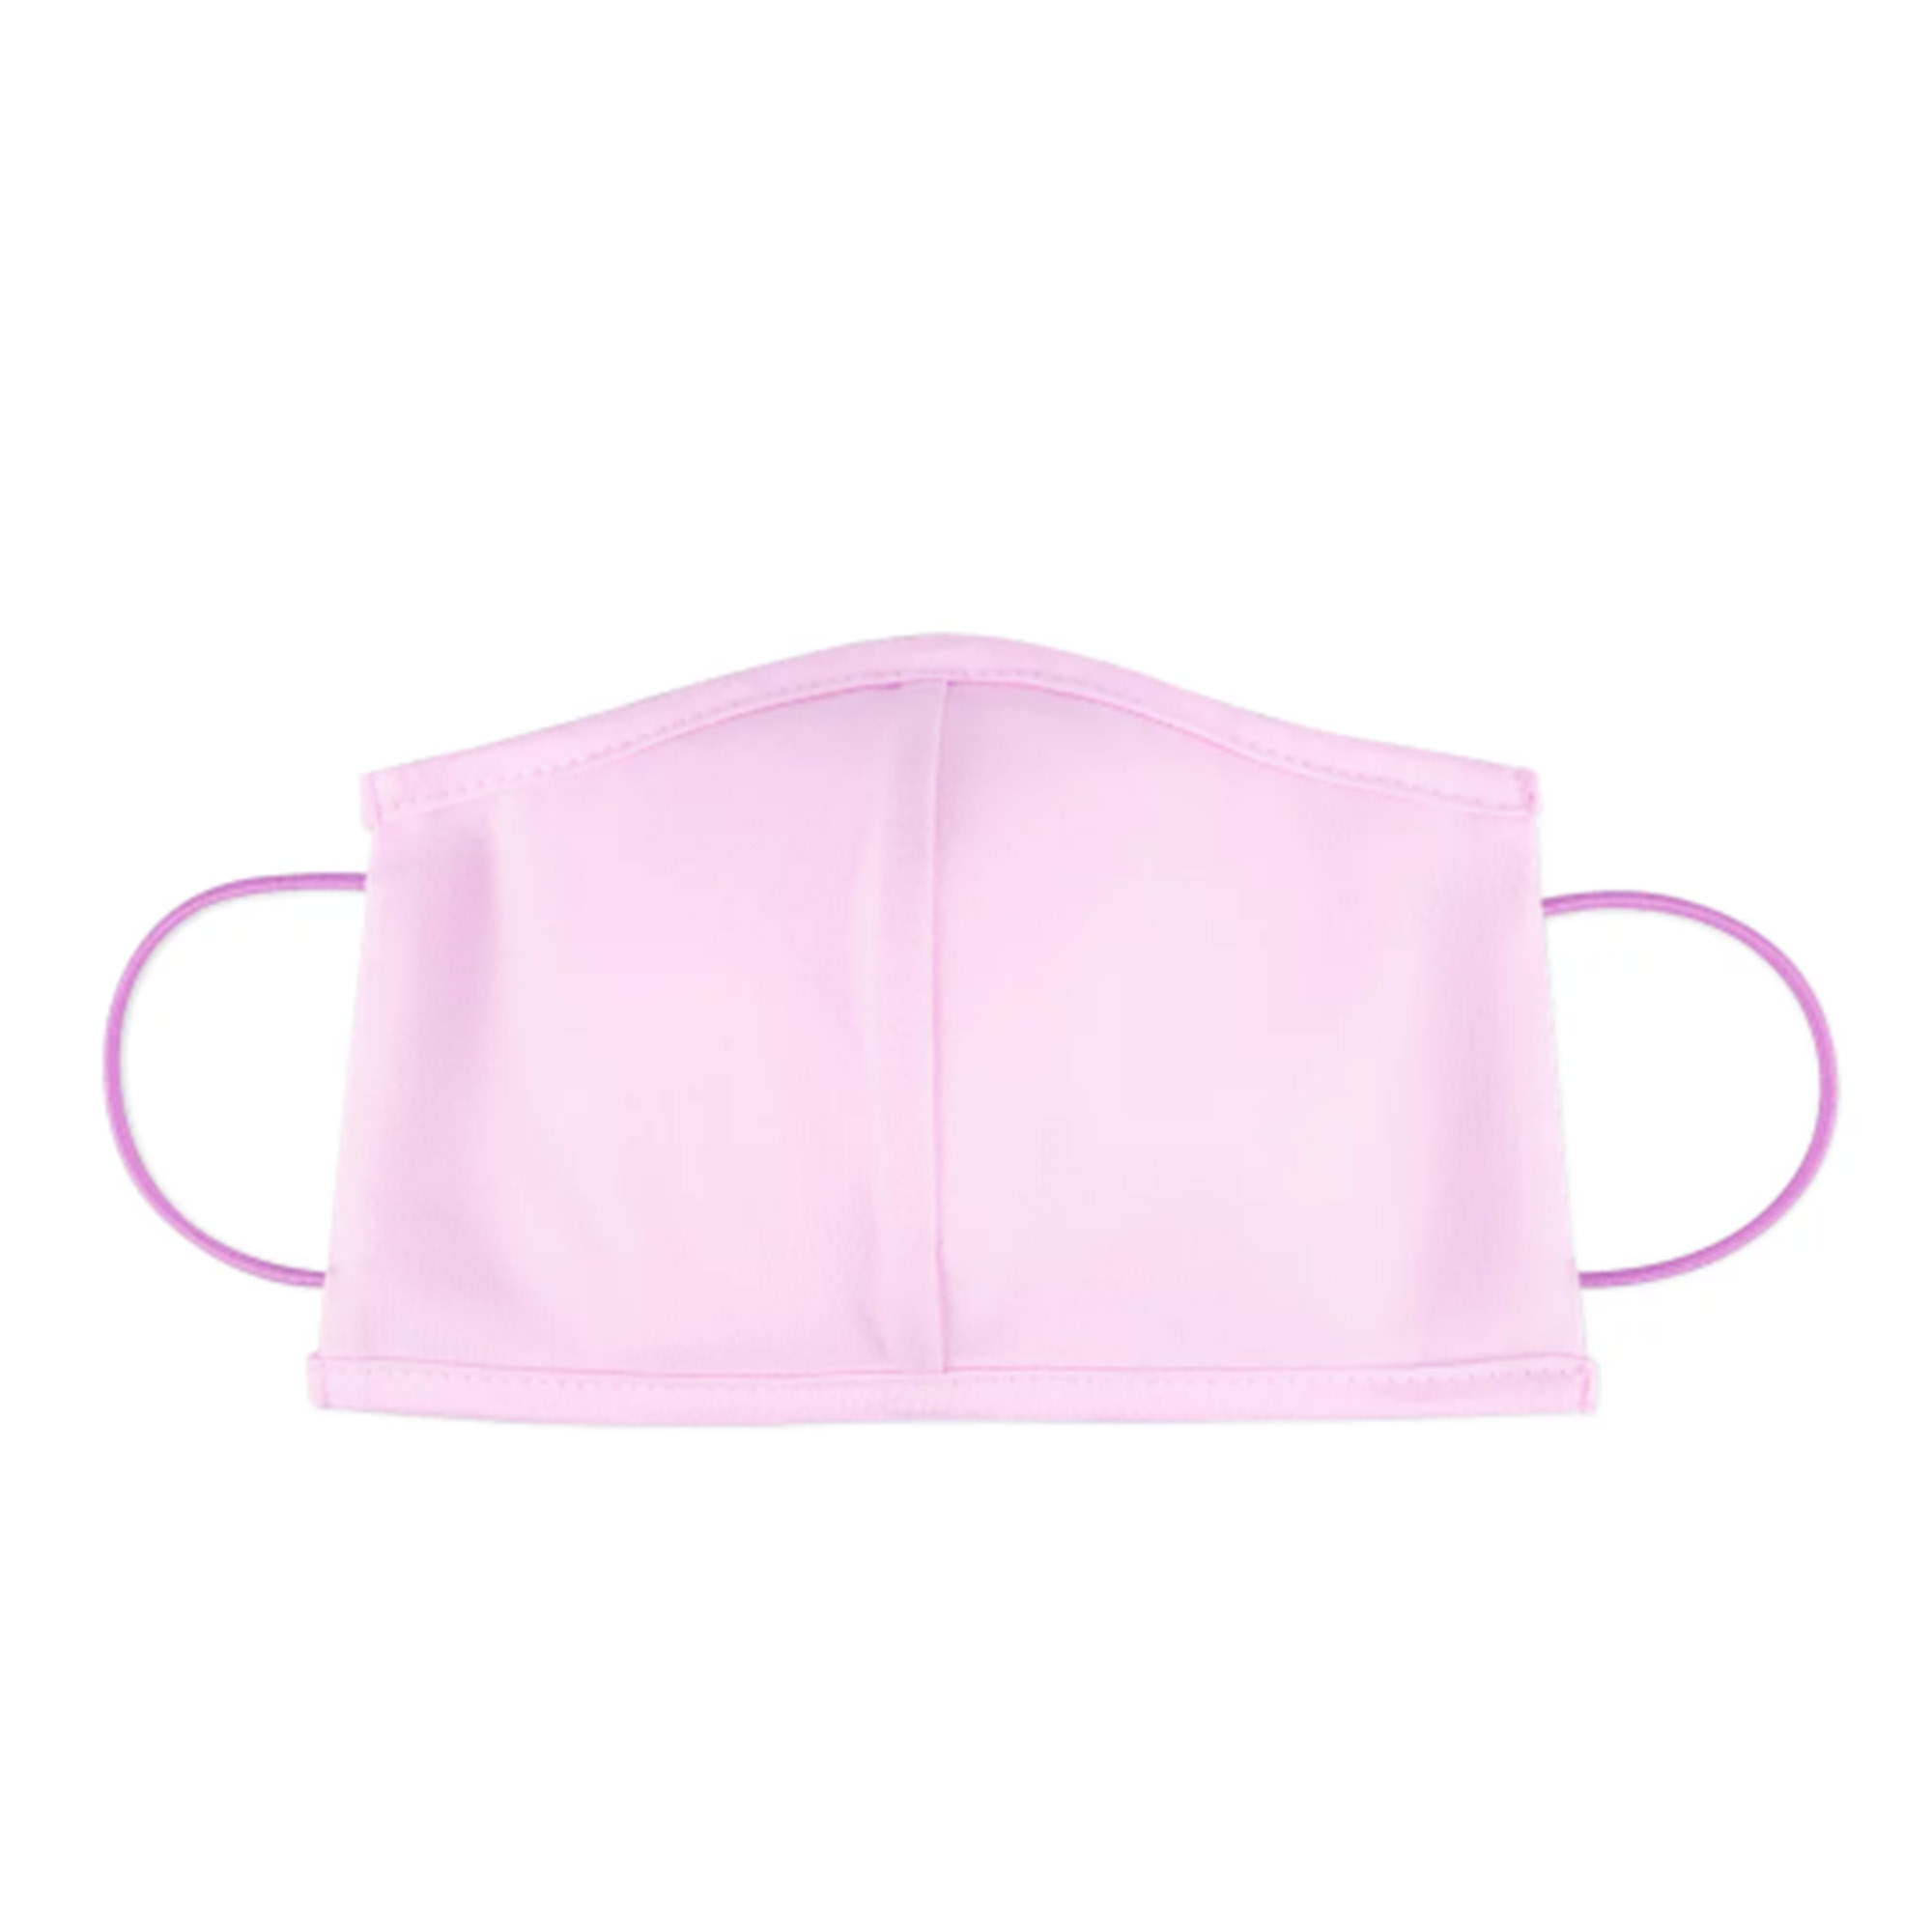 Защитная тканевая маска Mixit сиреневая